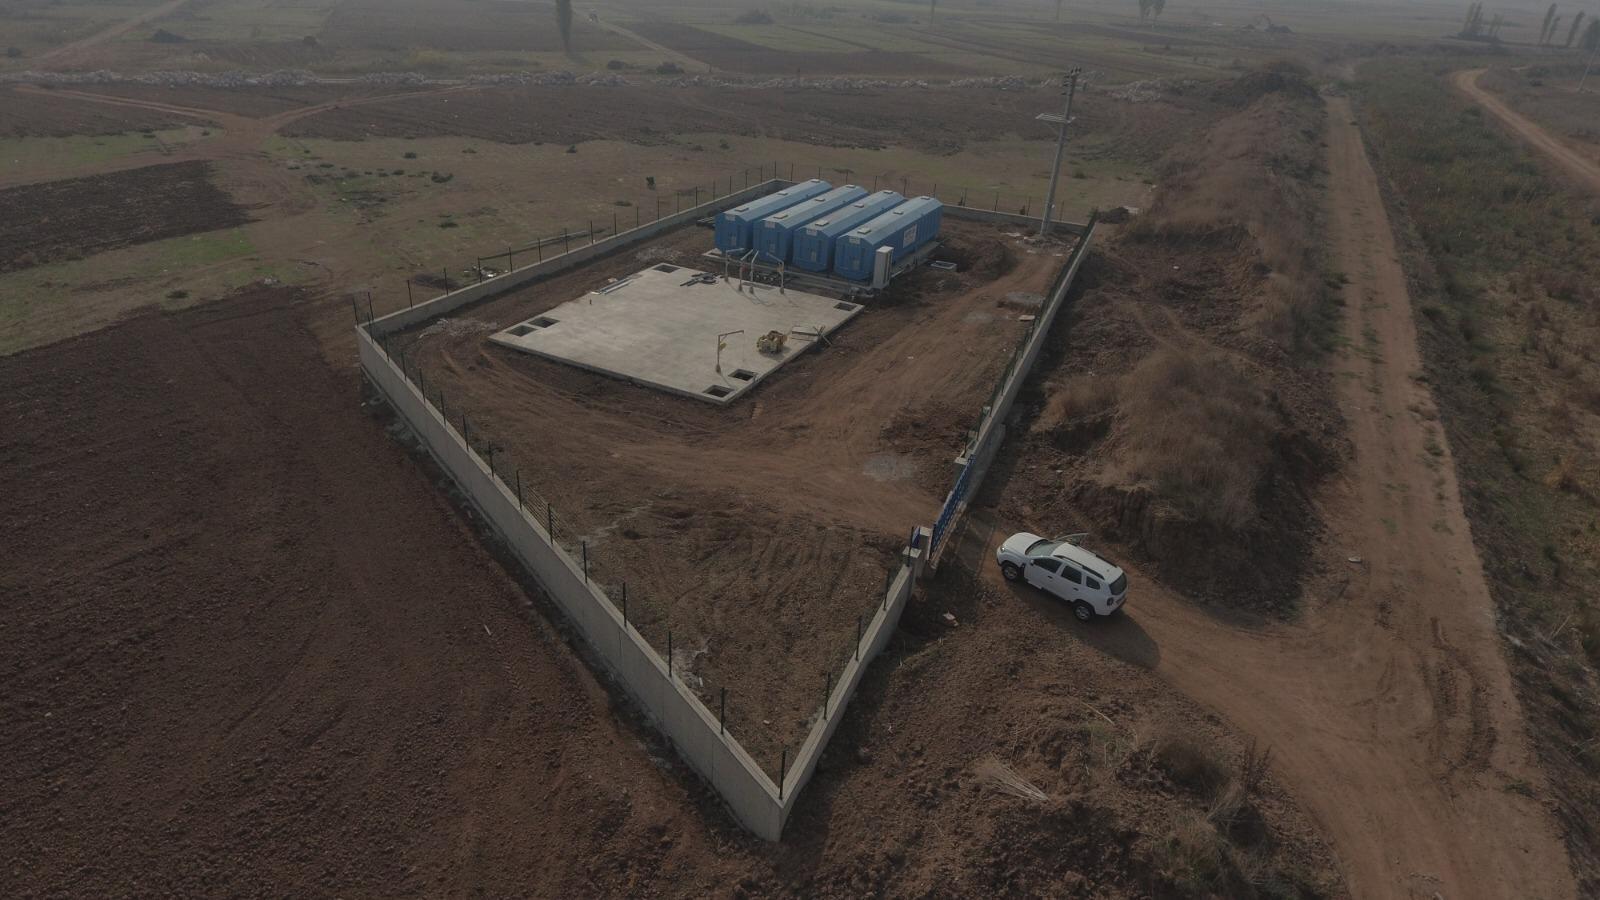 İvrindi İlçesi Gökçeyazı Mahallesi İçme Suyu , Kanalizasyon ve Atıksu Arıtma İnşaatı Yapımı İşi